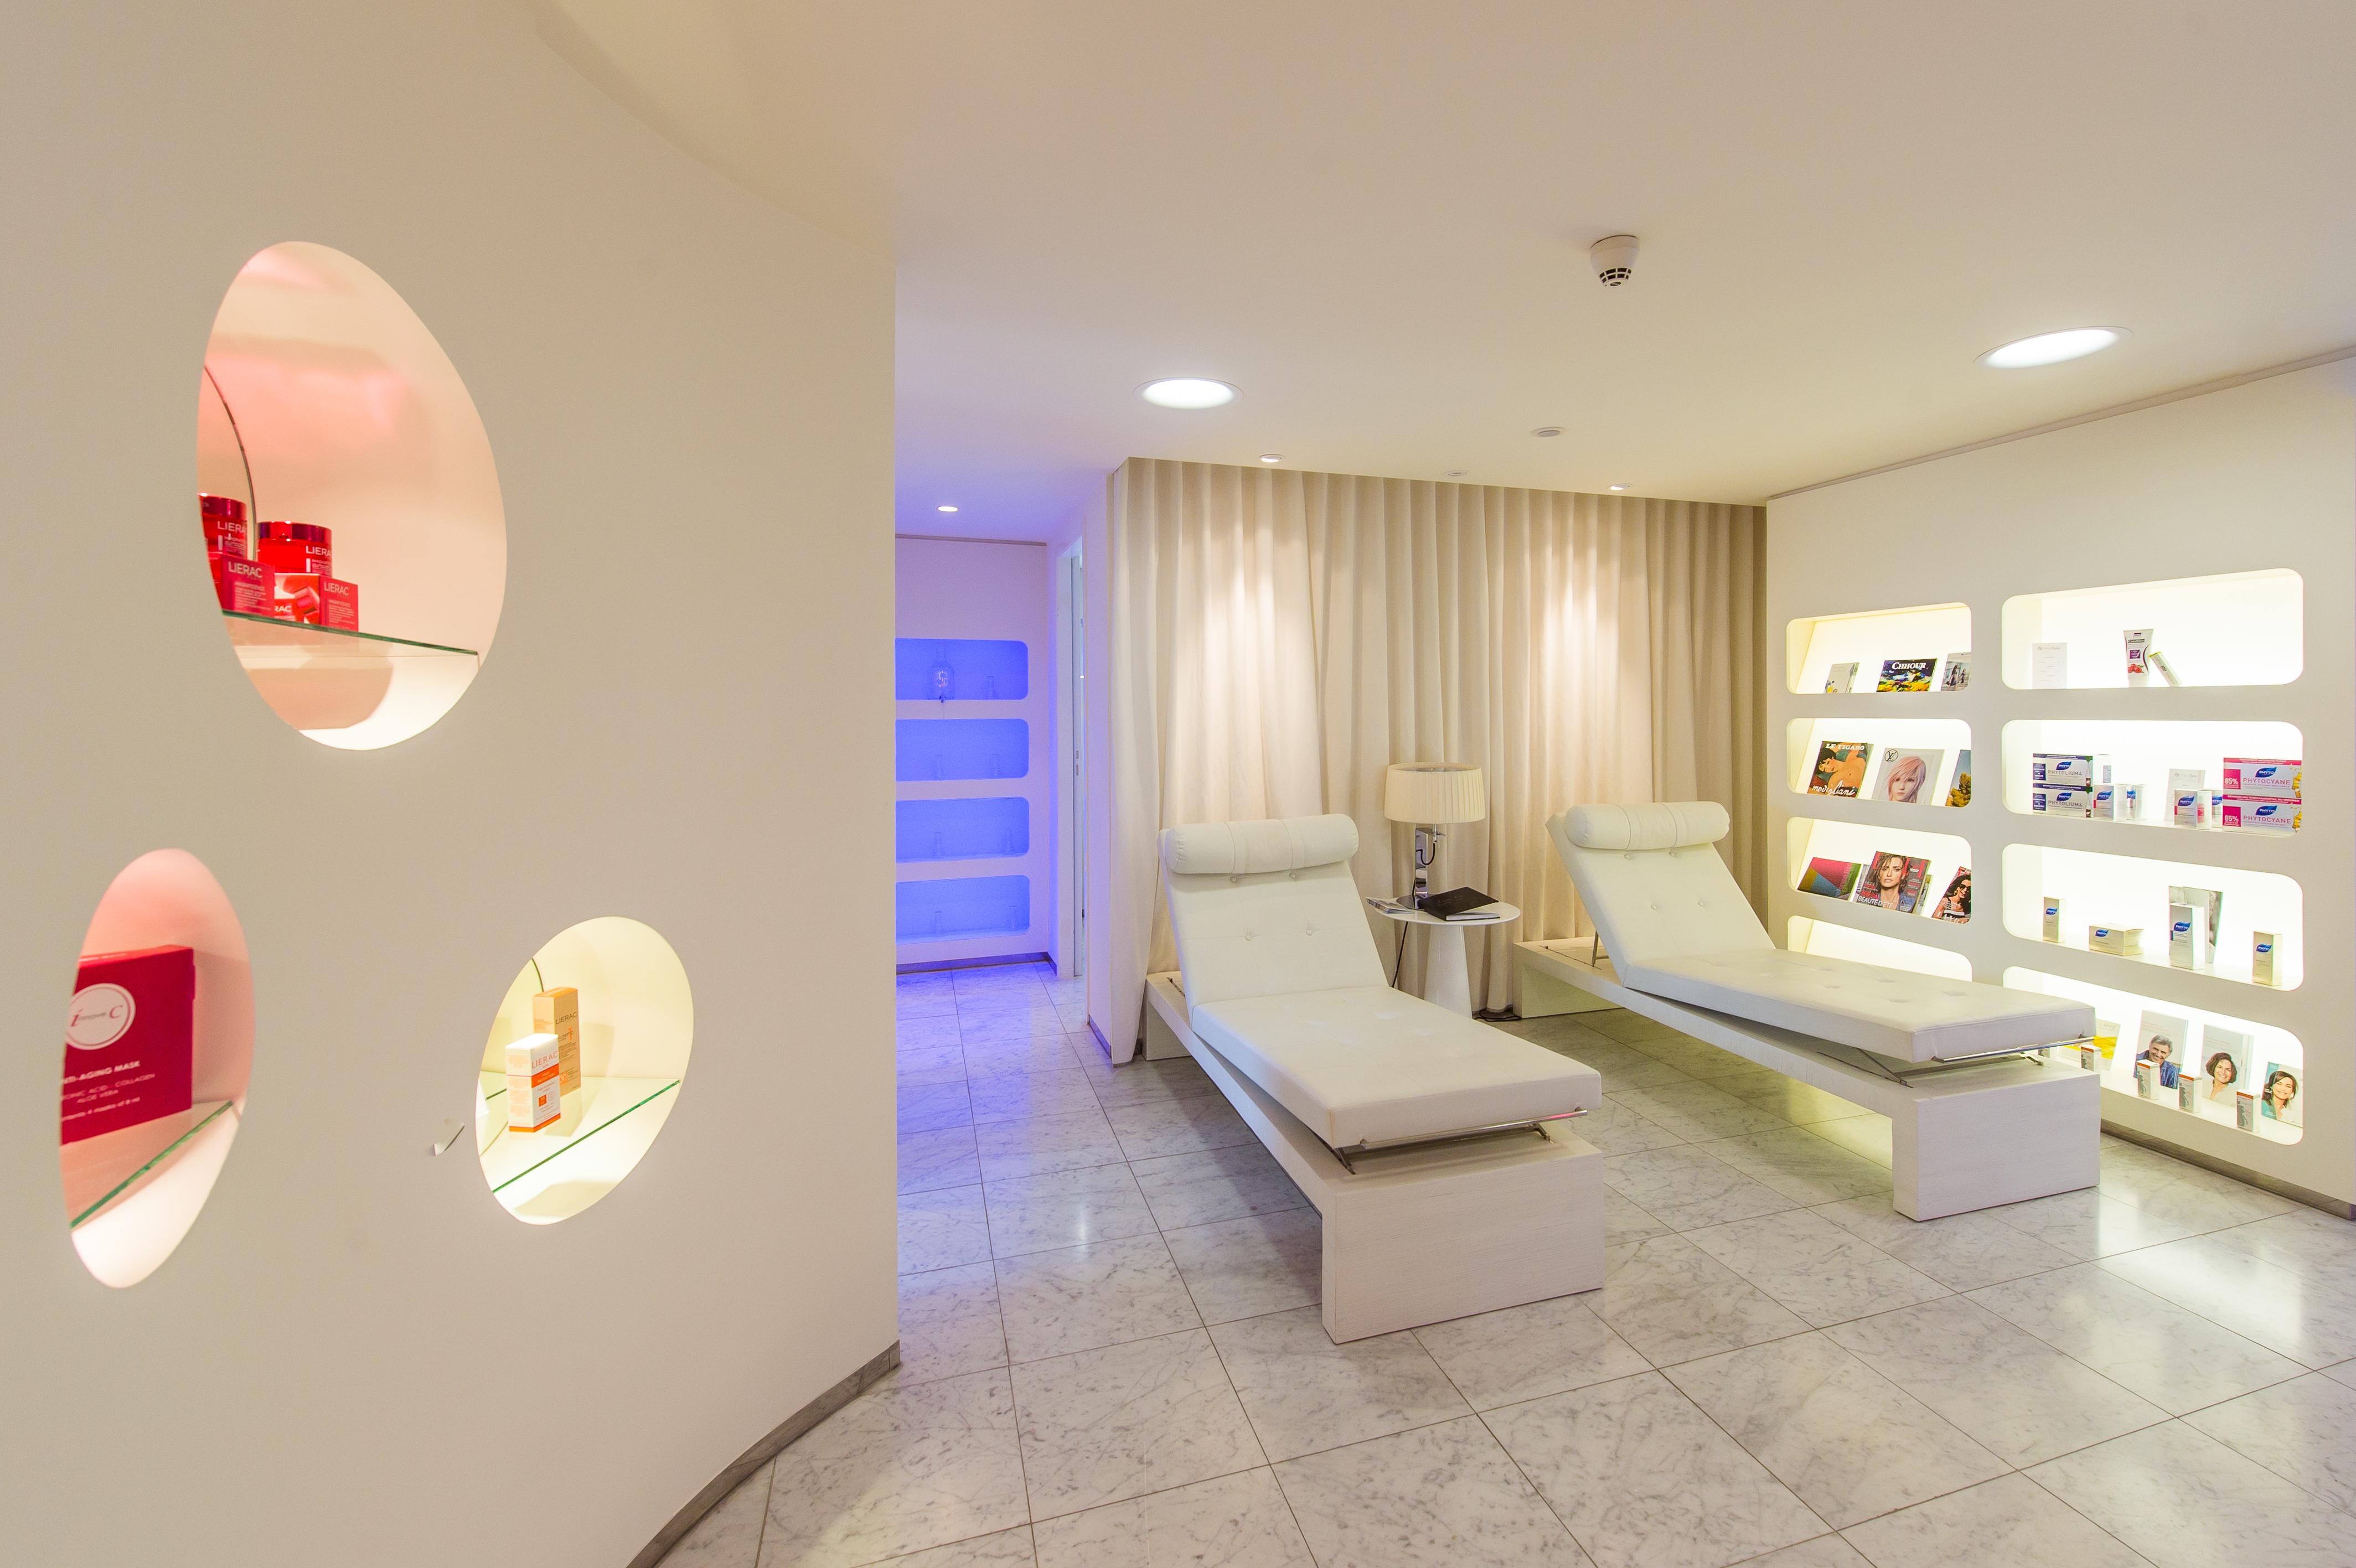 soins esth tiques bordeaux au spa de la clinique esth tique aquitaine. Black Bedroom Furniture Sets. Home Design Ideas